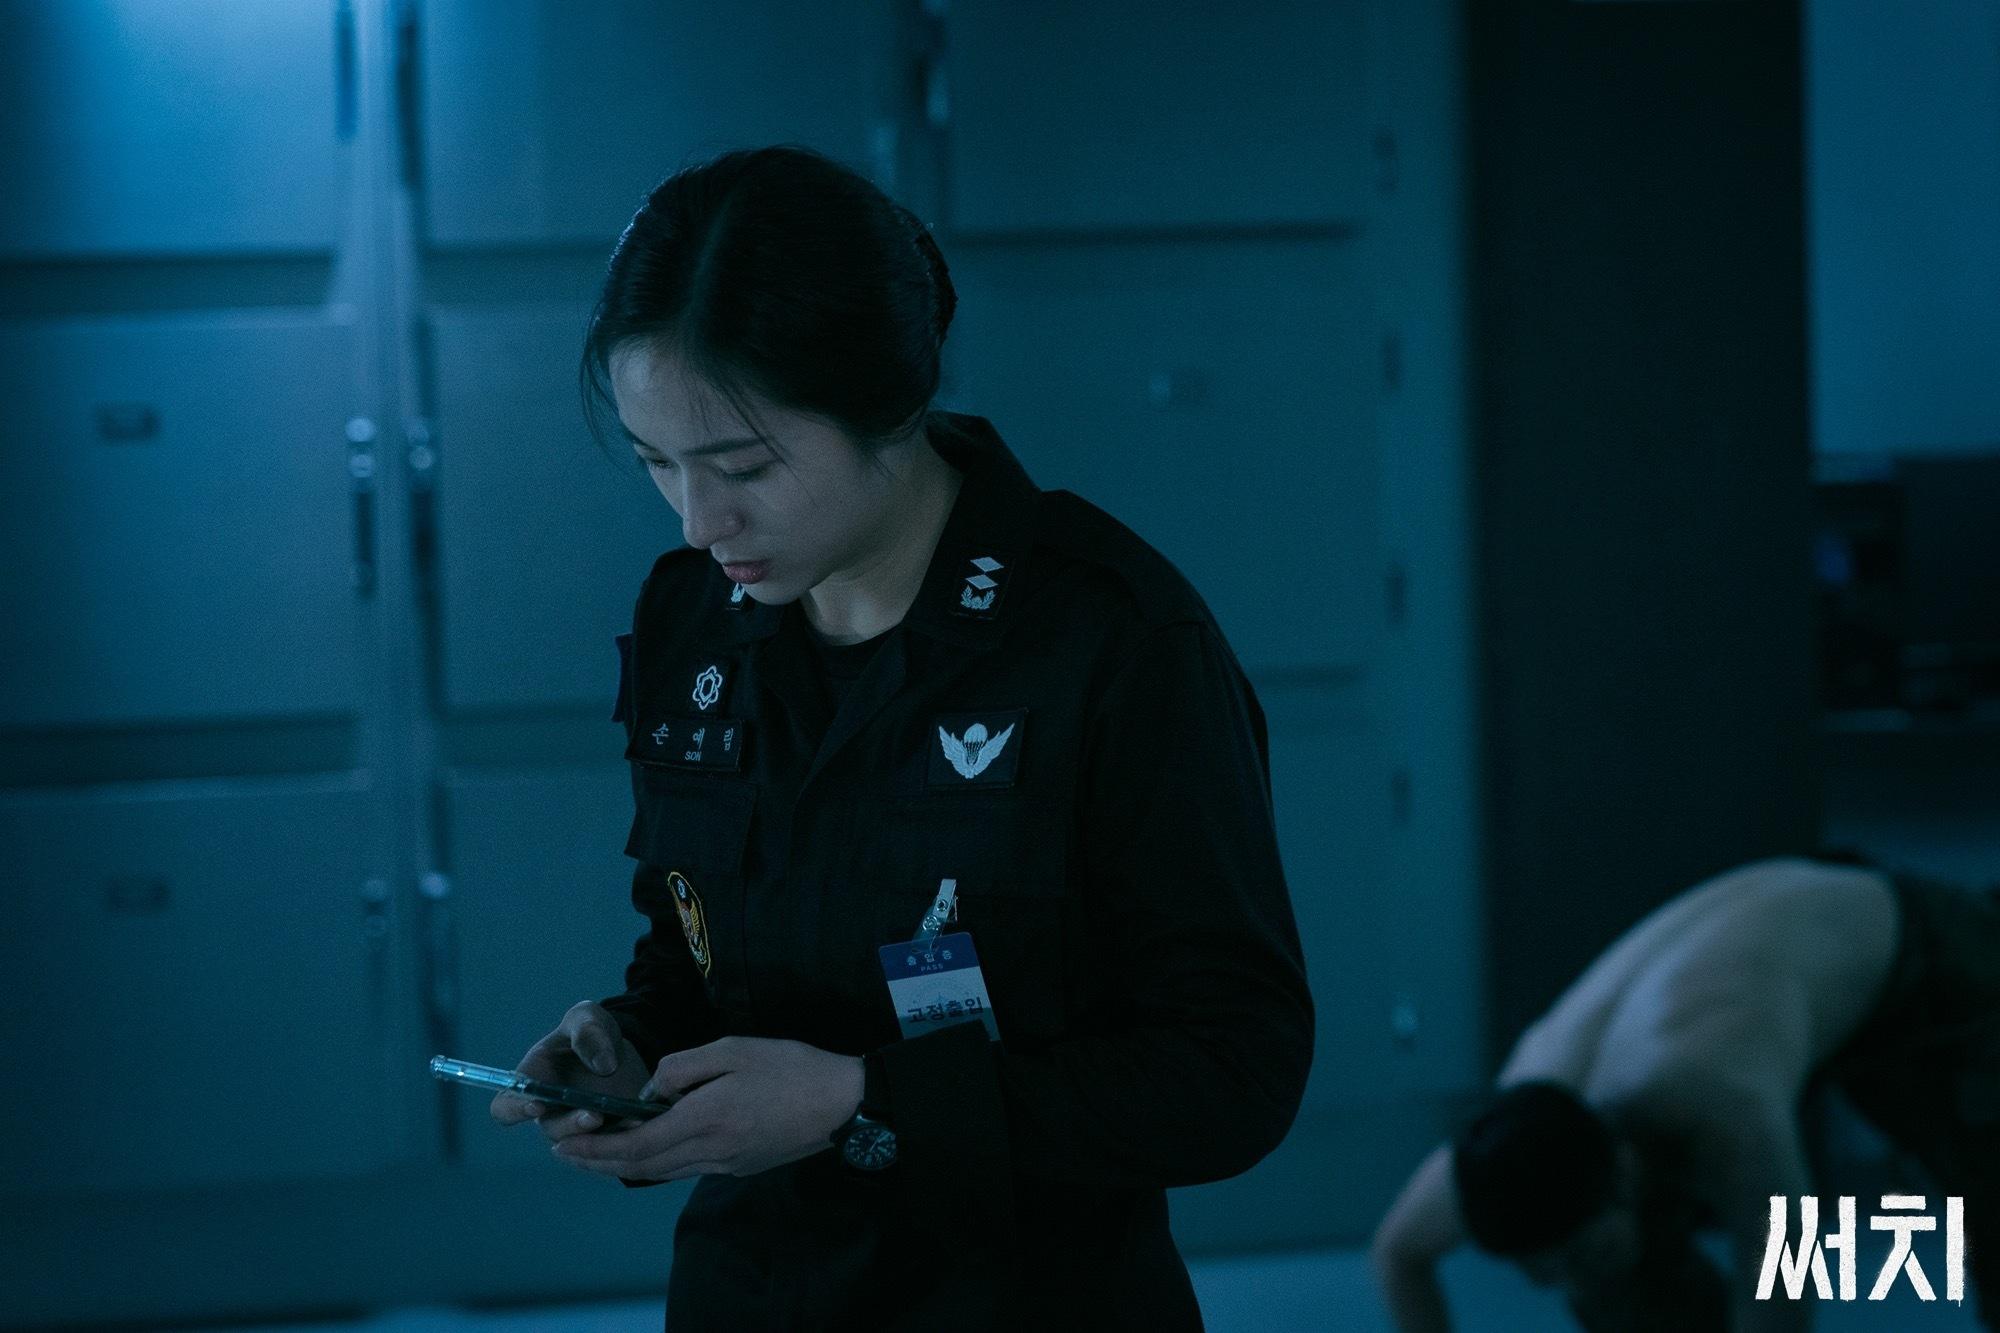 这些剧情太智障,这部豆瓣7.7分的韩剧是在黑韩国军人吧?插图8